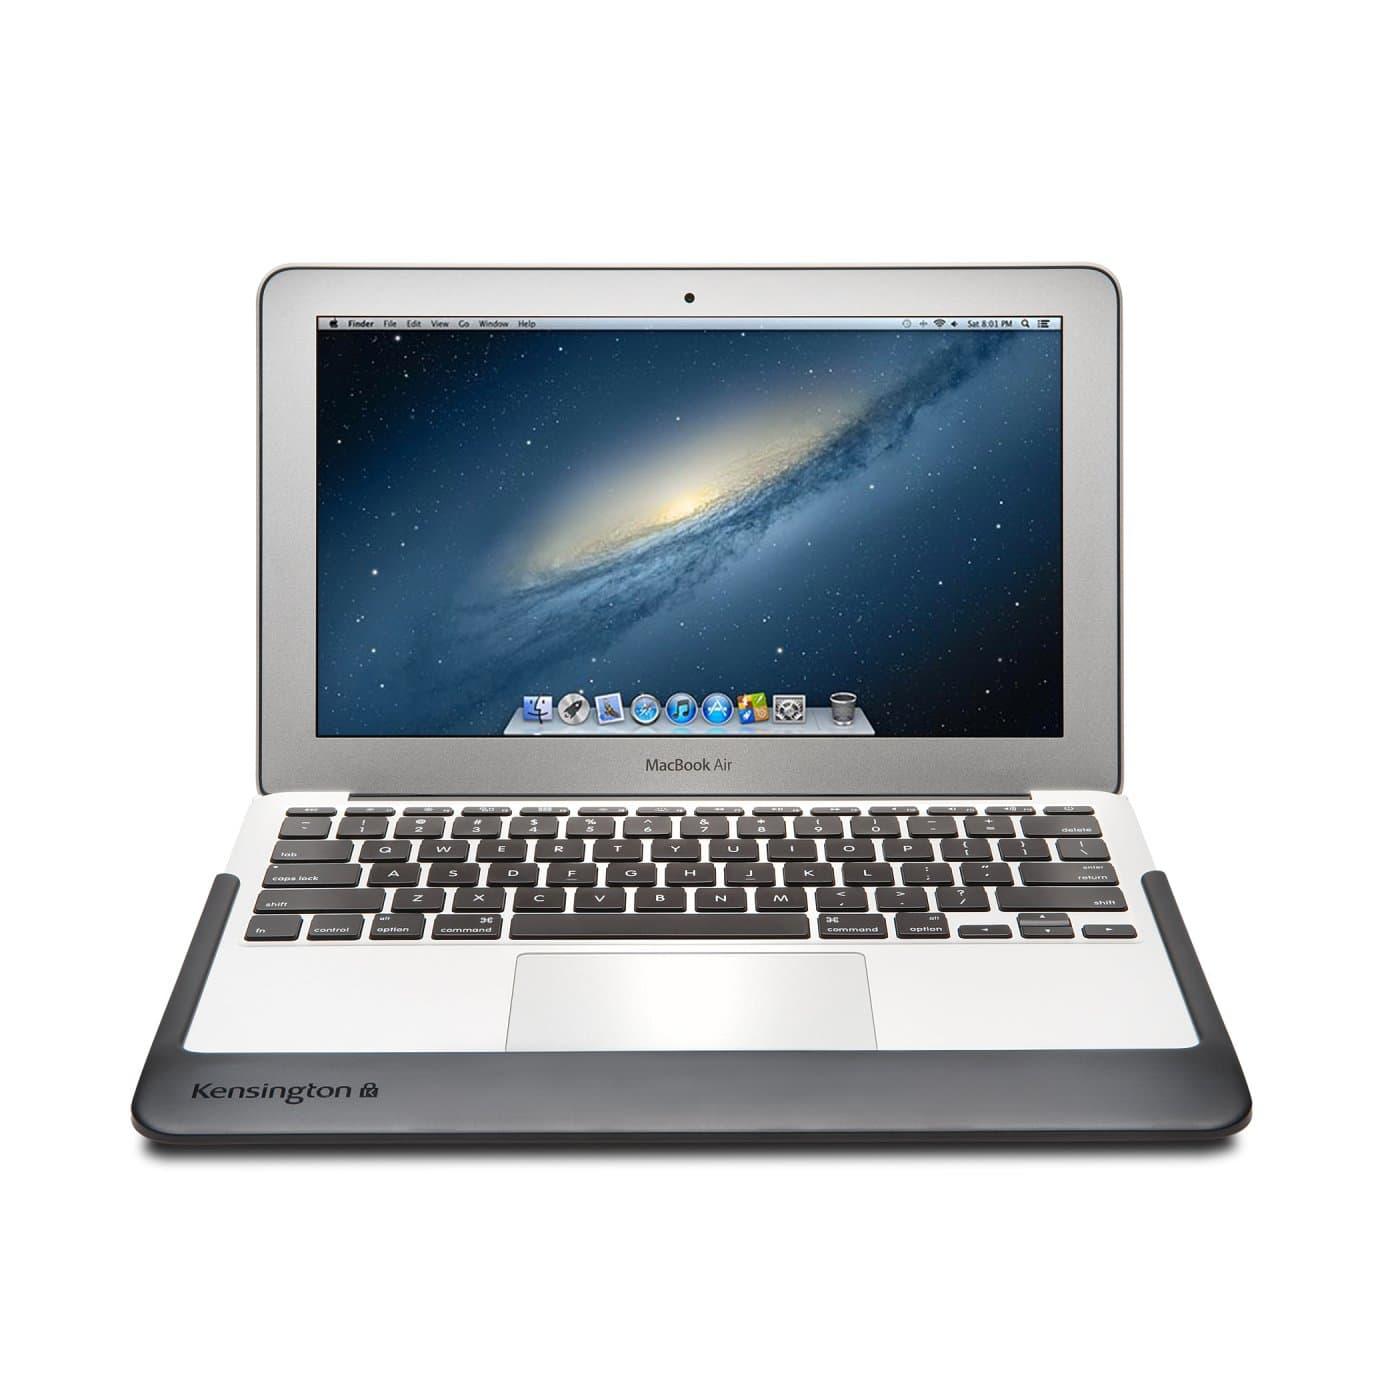 Kensington - Produkte - Sicherheit - Desktop-Sicherungslösungen ...